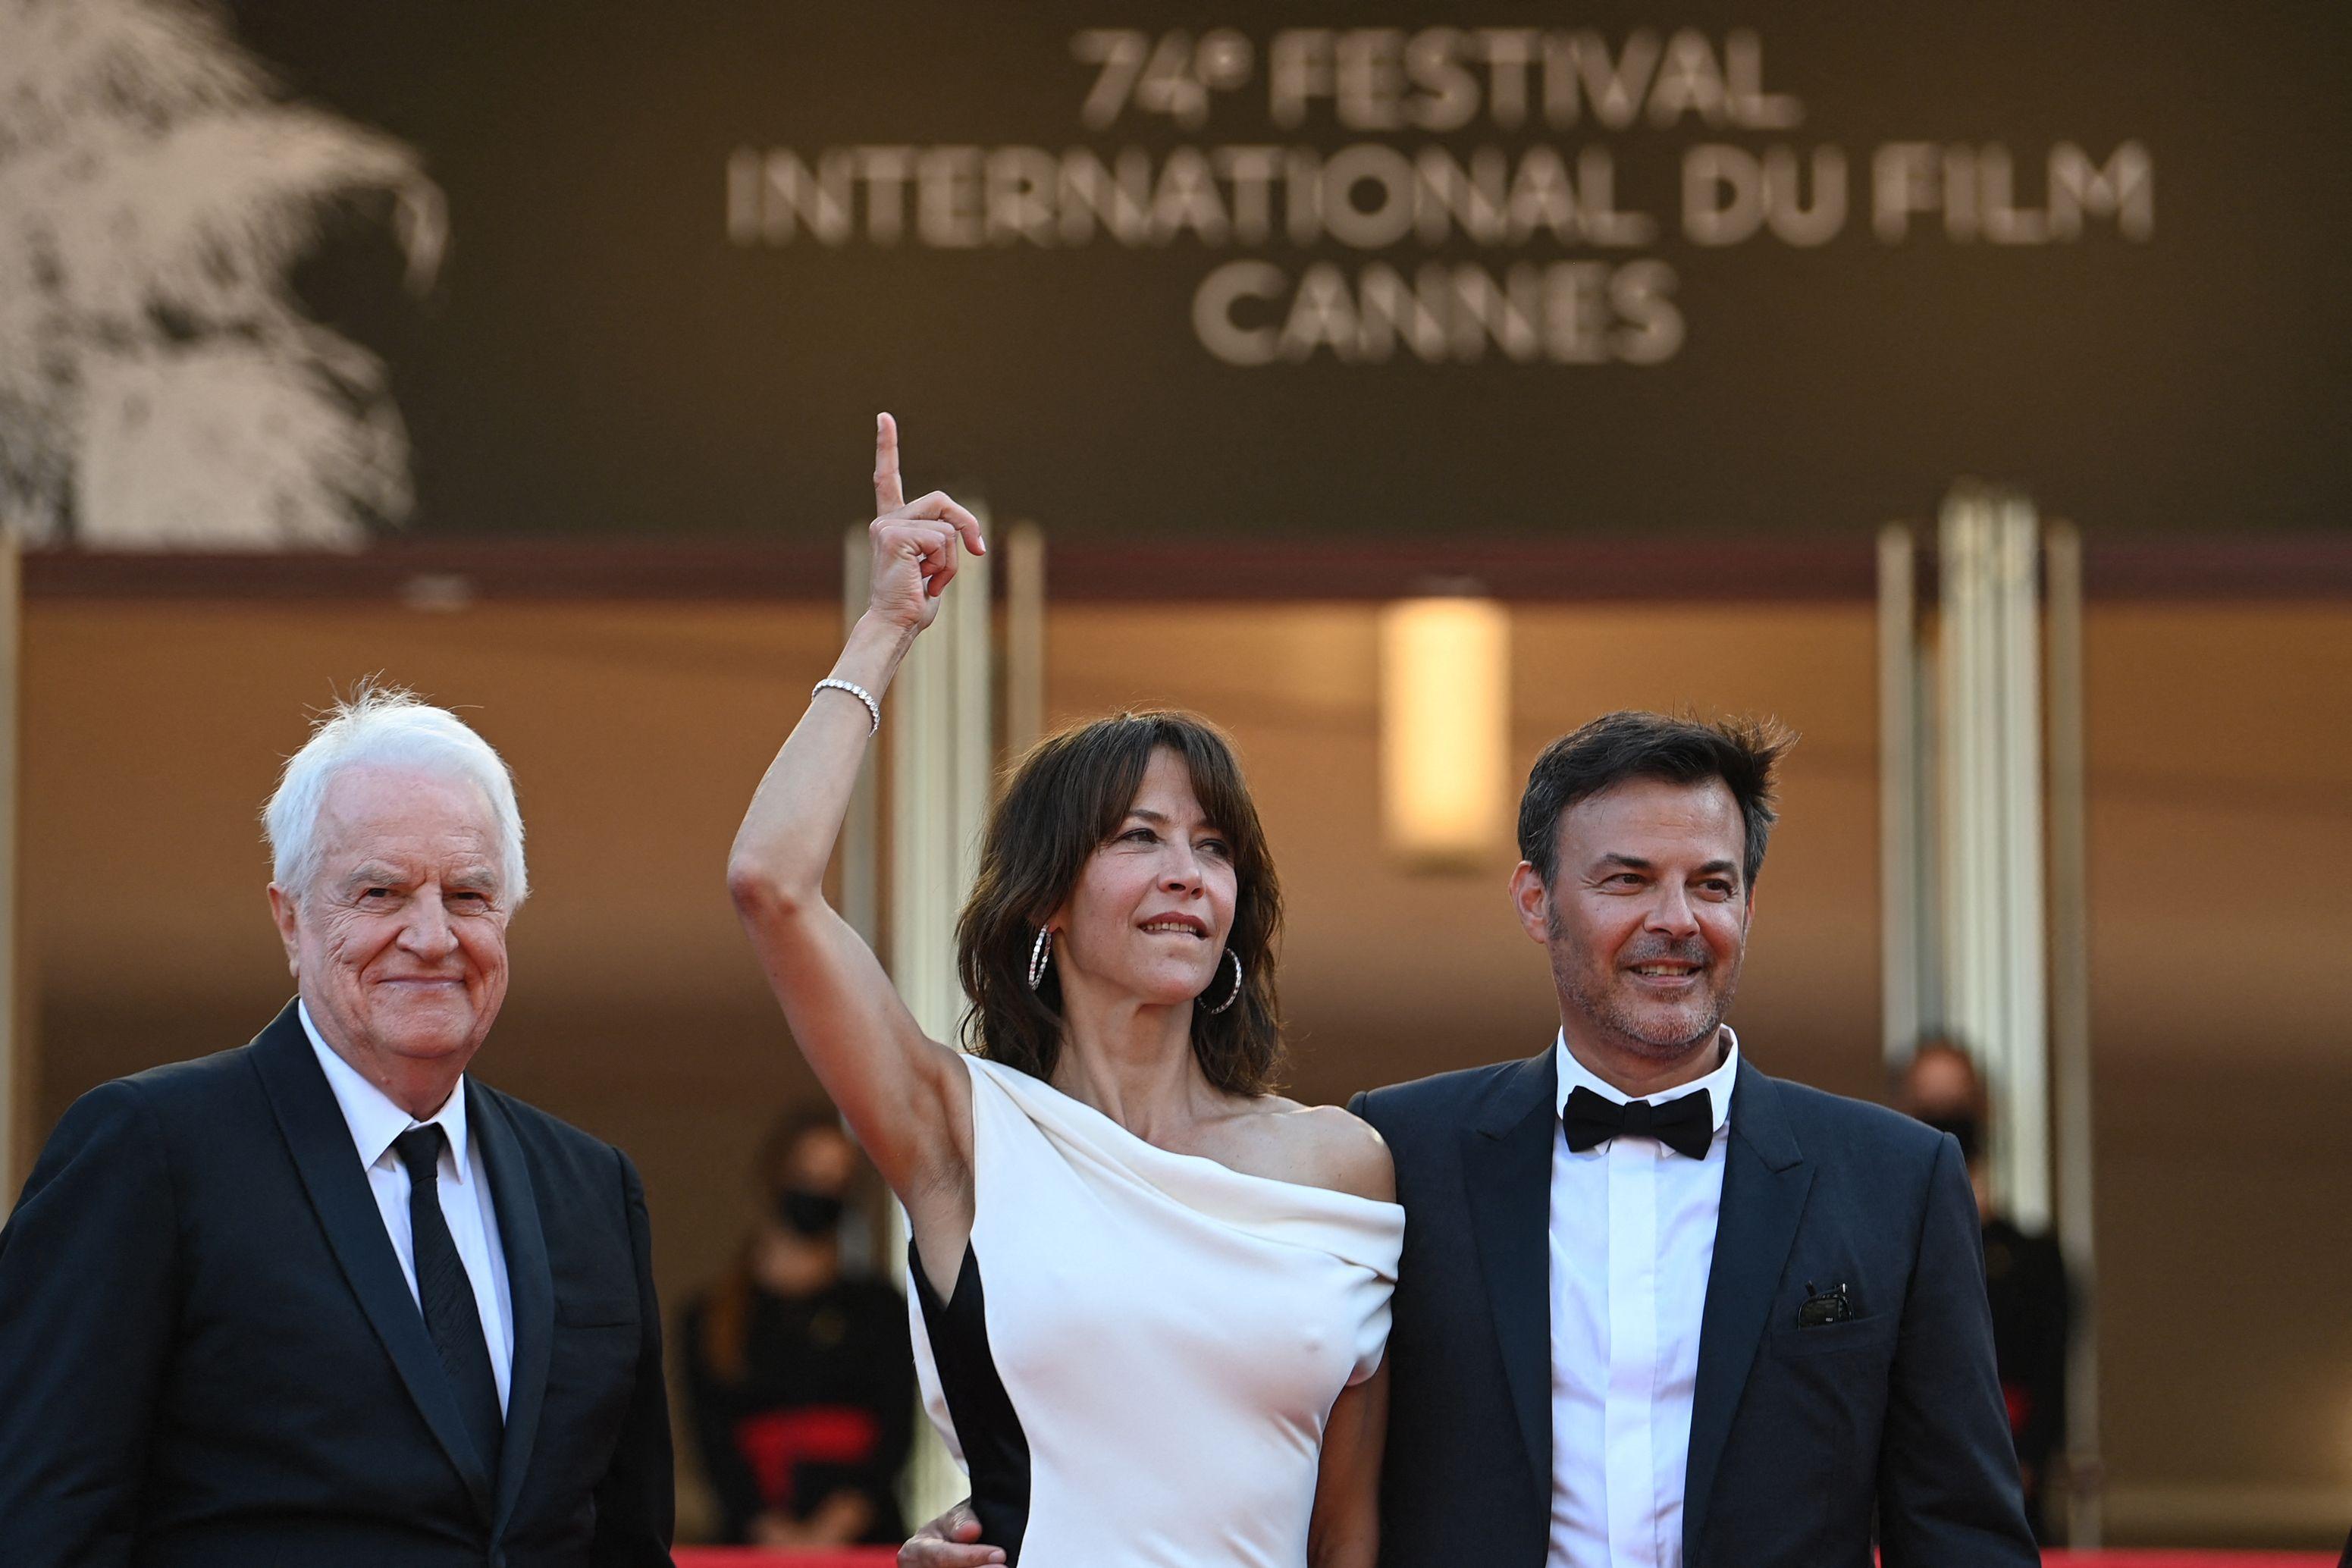 Les acteurs André Dussollier et Sophie Marceau, et le réalisateur François Ozon, en compétition avec...